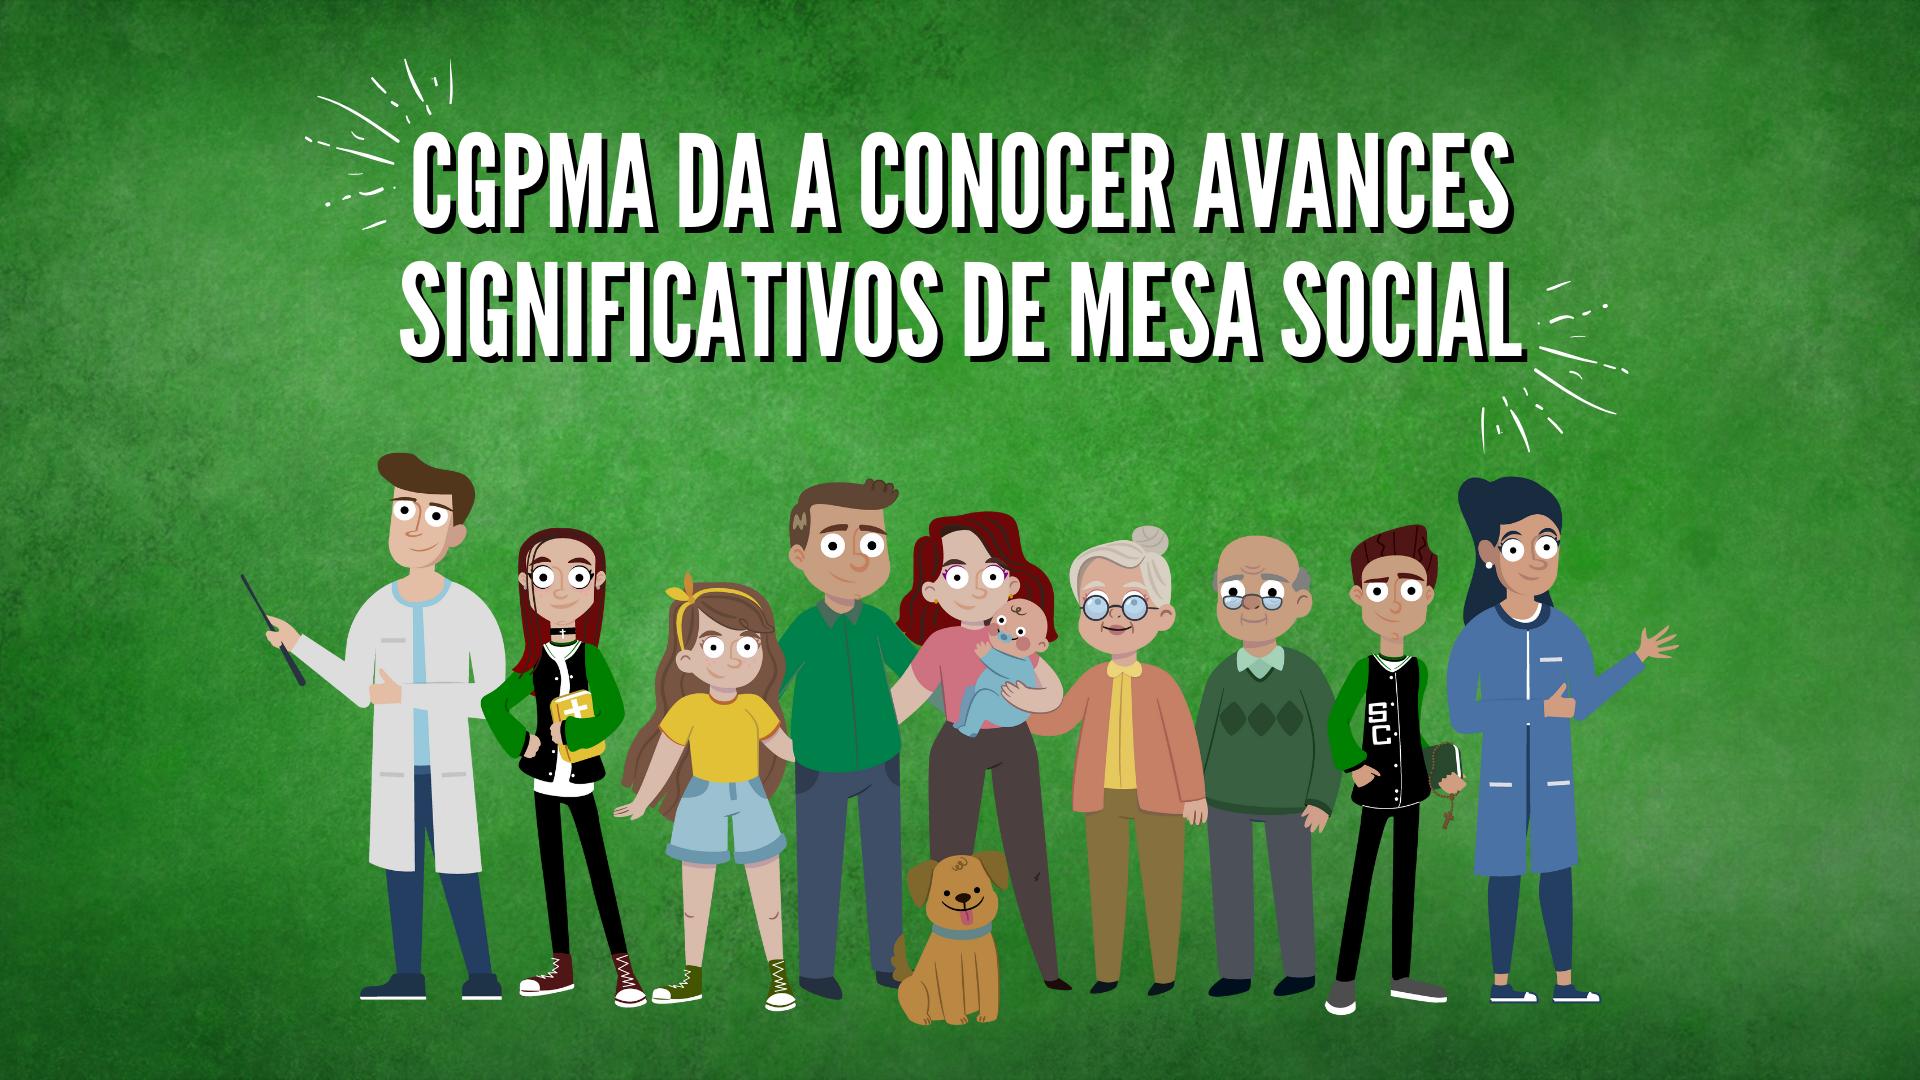 CGPMA DA A CONOCER AVANCES SIGNIFICATIVOS DE MESA SOCIAL